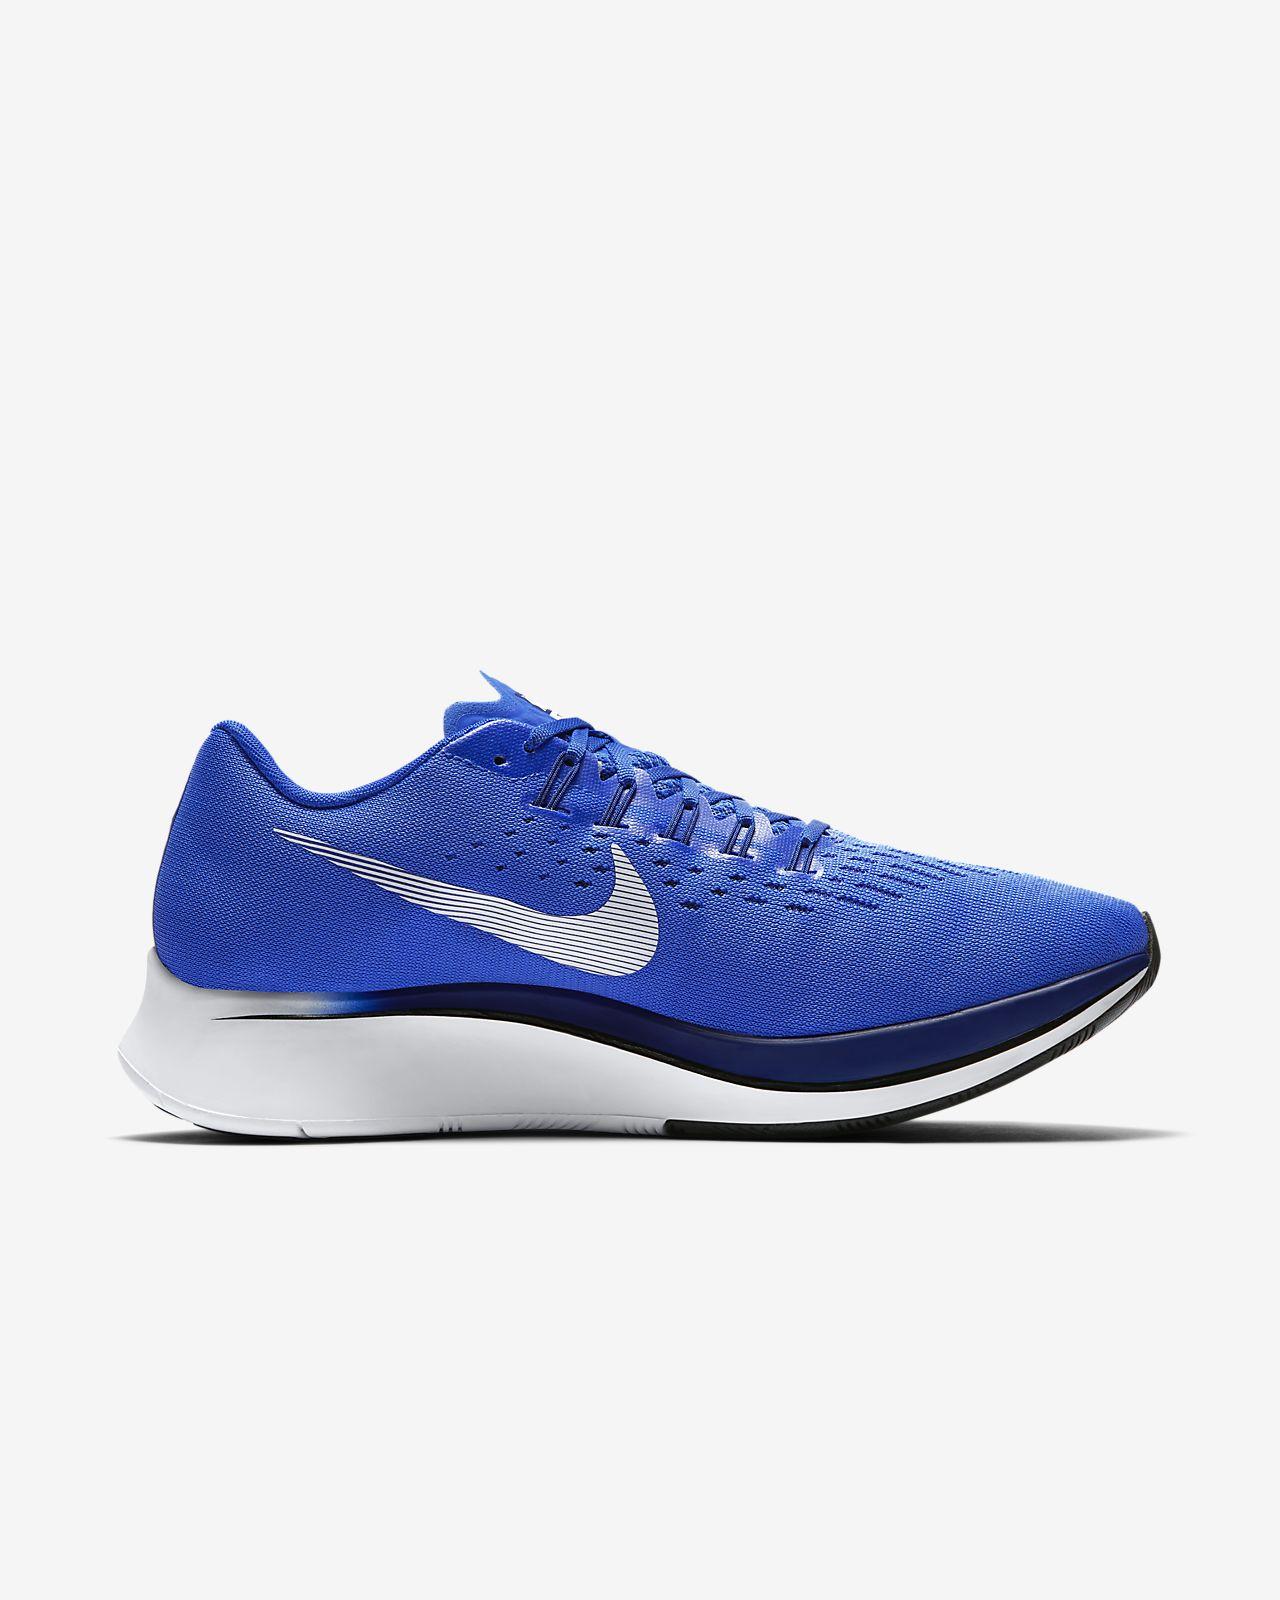 Nike Scarpe Uomo da corsa ginnastica trainers SPORT TRENO velocit 4